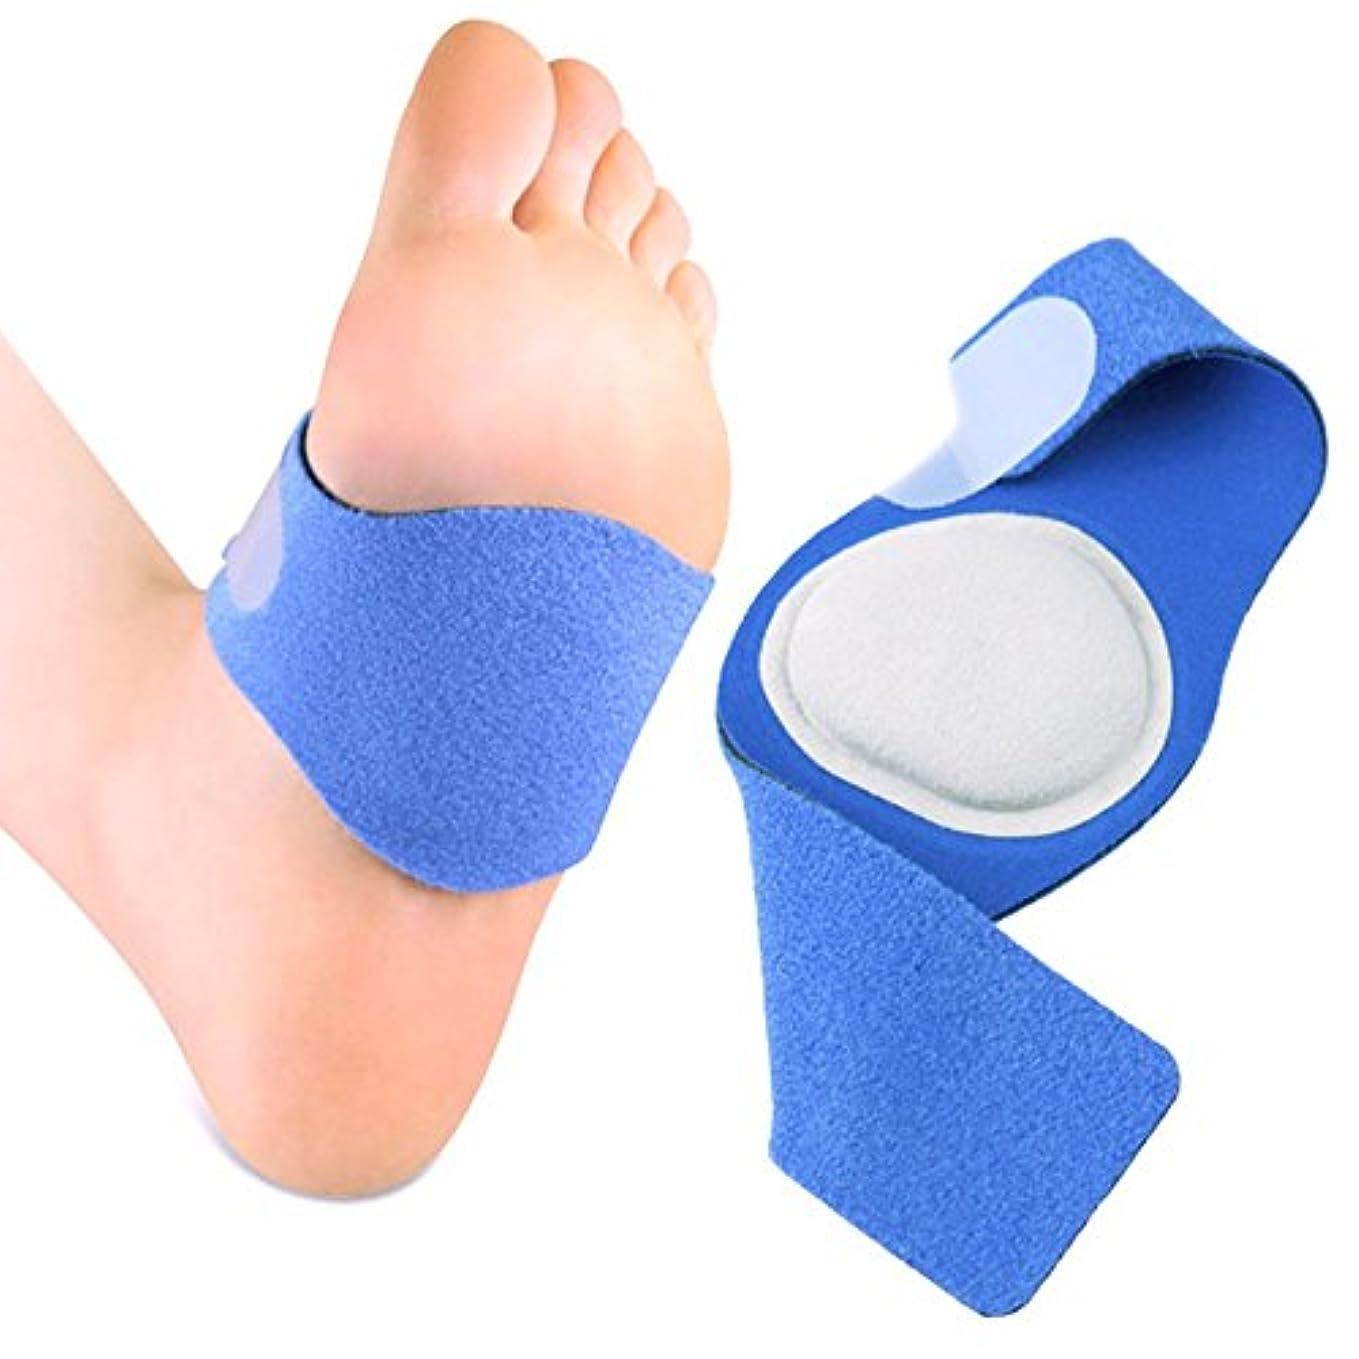 TAKUMED アーチサポーター 扁平足 凹足 足底筋膜炎 サポーター 土踏まず 立ち仕事 男女兼用 サイズ調整可能 左右セット (L-XLサイズ)